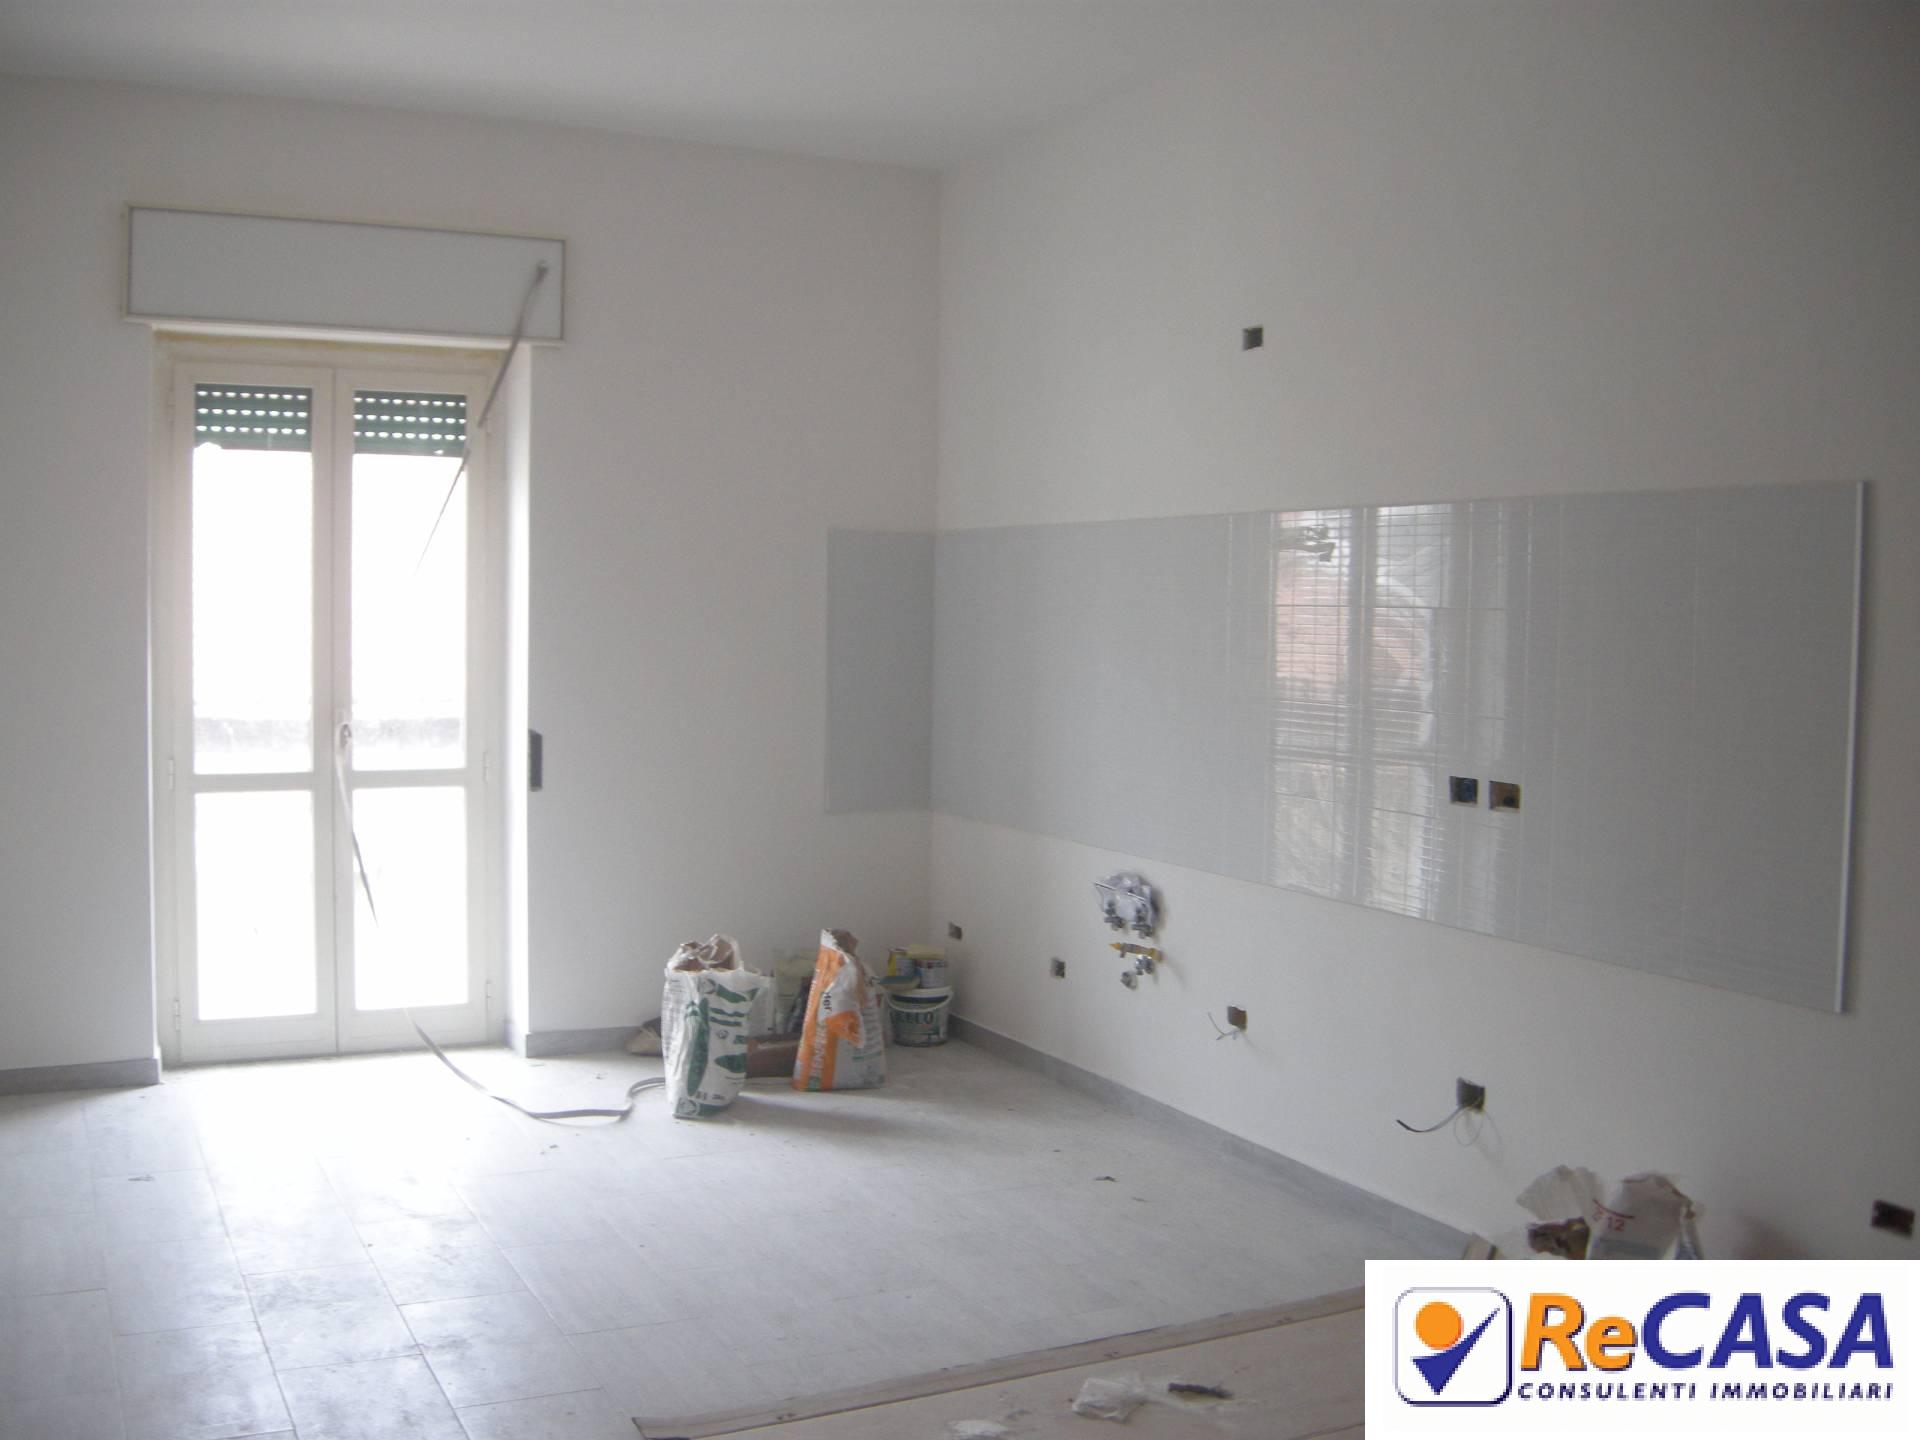 Appartamento in affitto a Bellizzi, 3 locali, zona Località: Centro, prezzo € 470 | CambioCasa.it